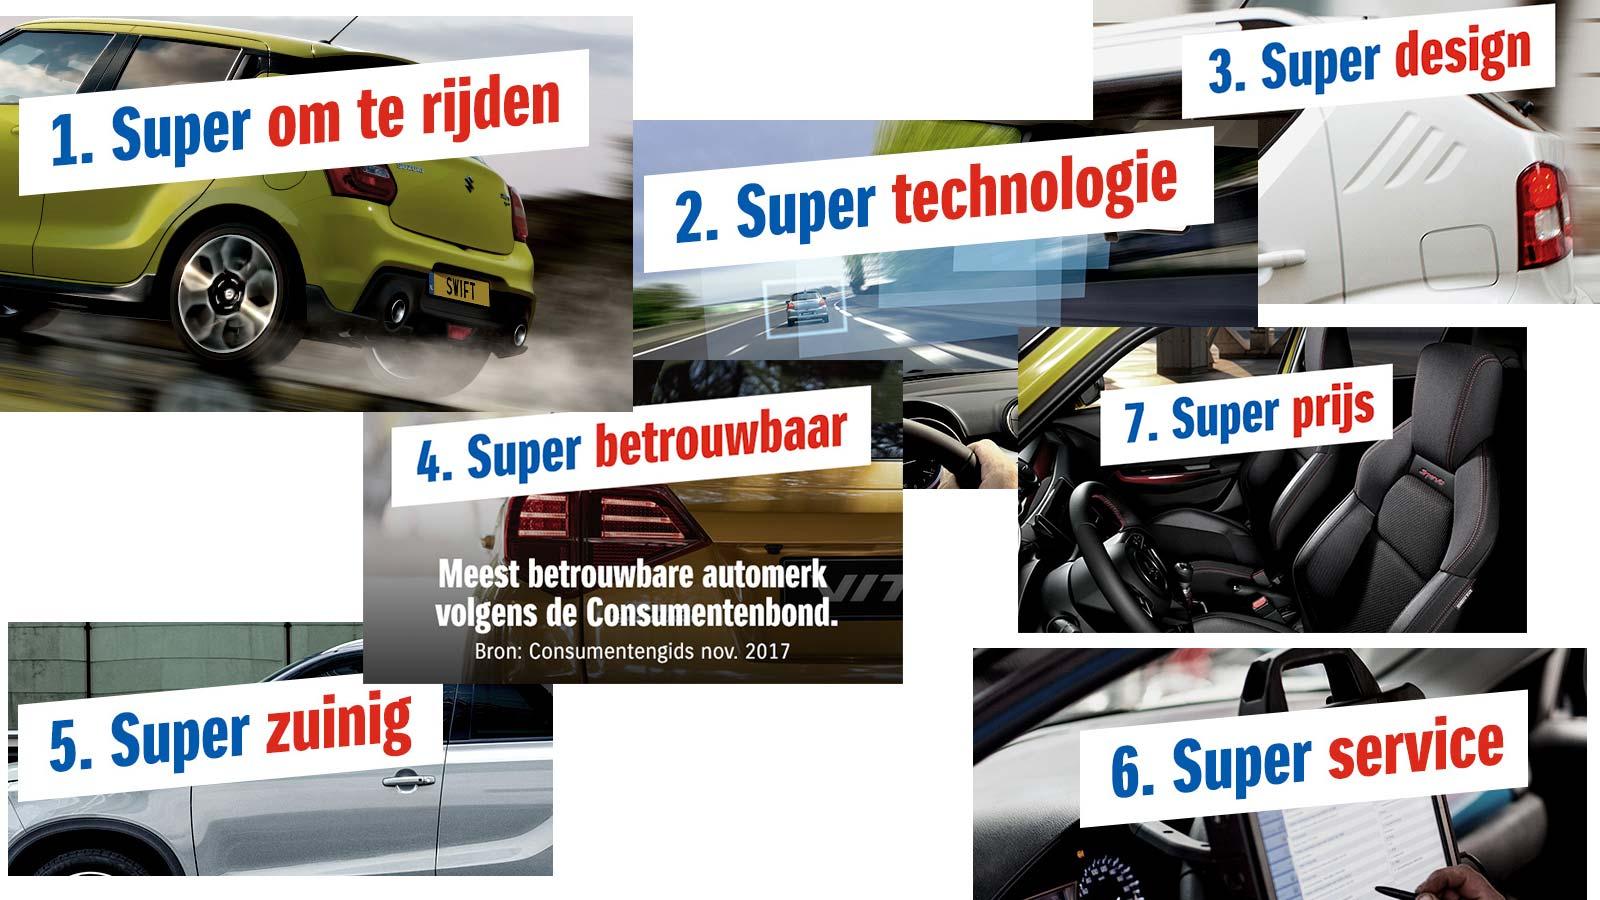 De 7 garanties van Suzuki